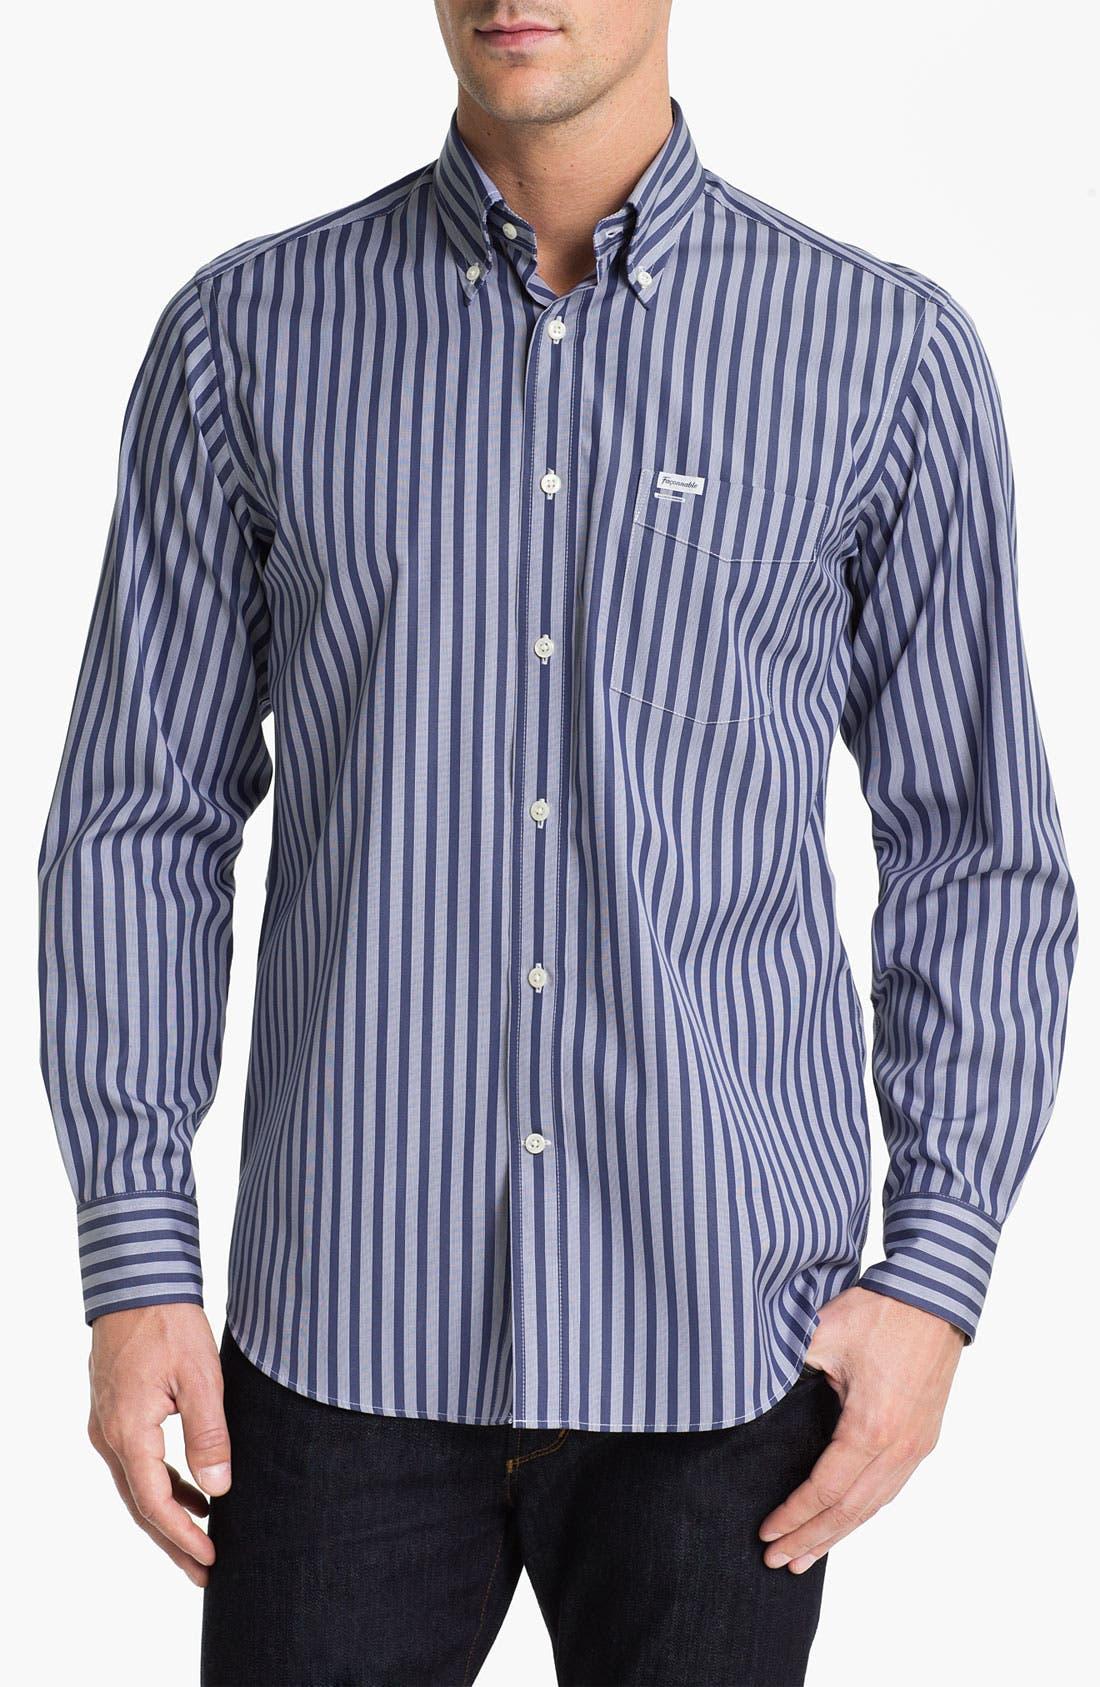 Façonnable Club Fit Sport Shirt,                             Main thumbnail 1, color,                             Blue